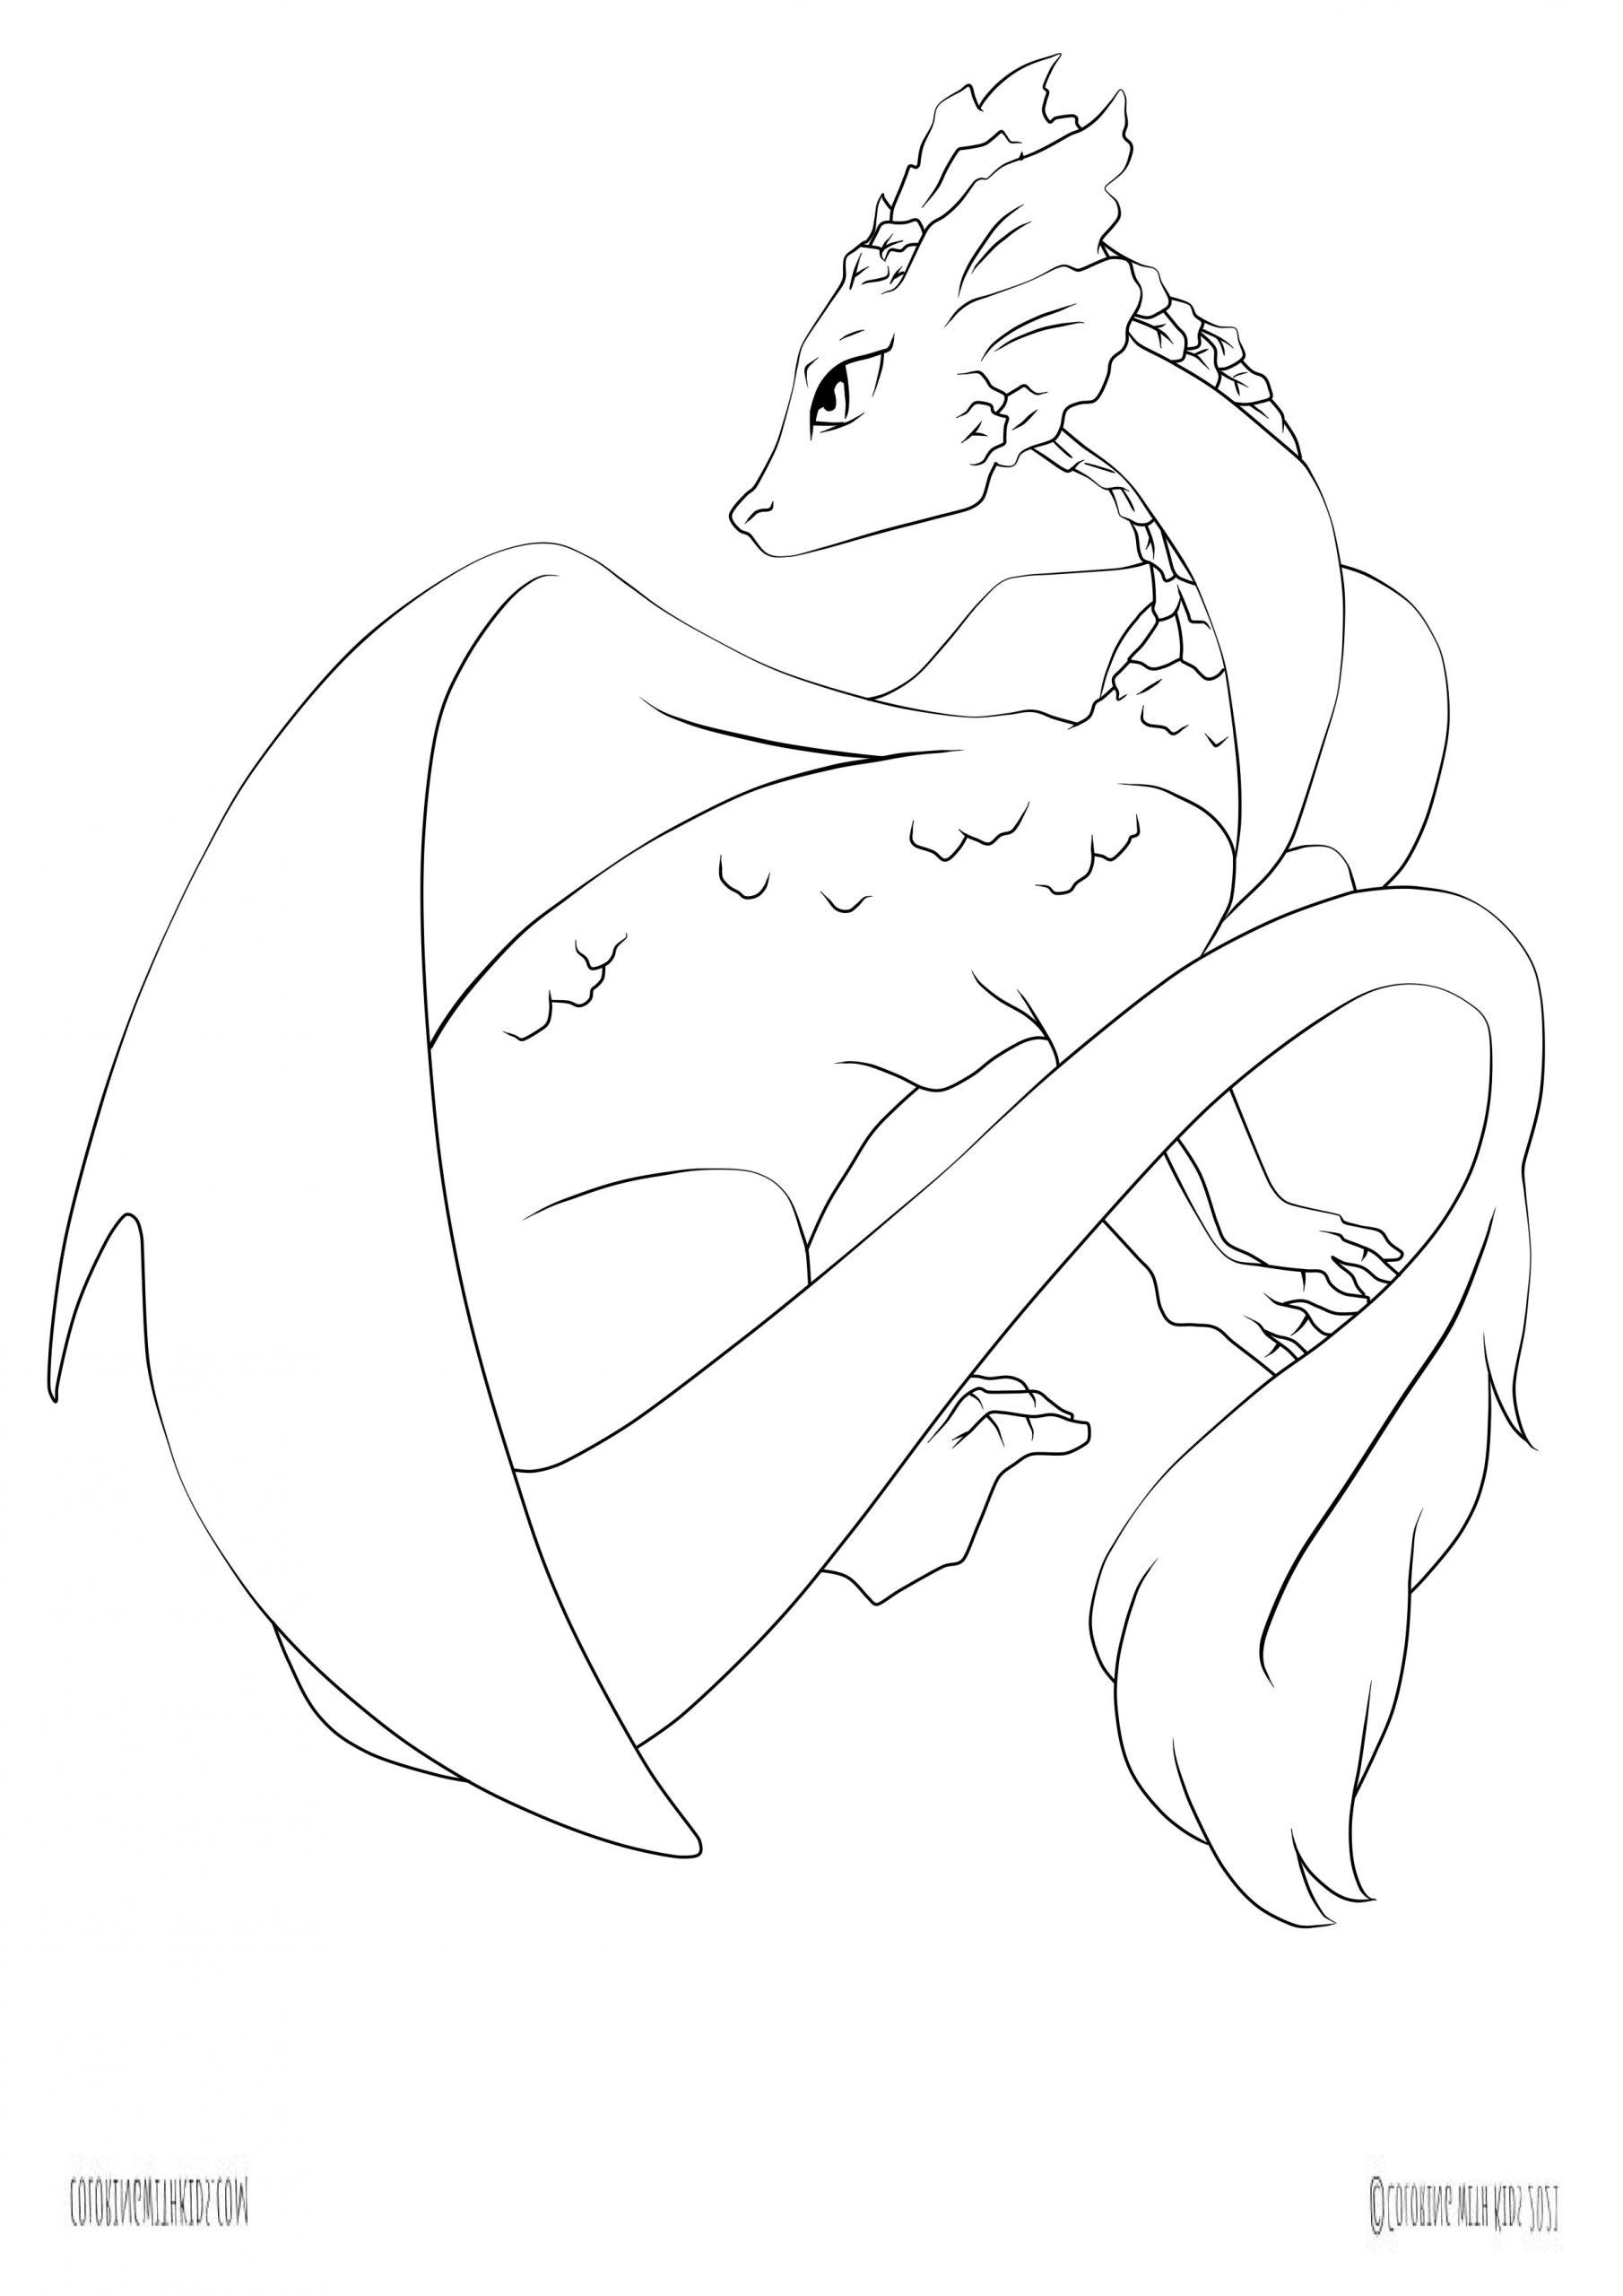 kawaii dragon coloring page